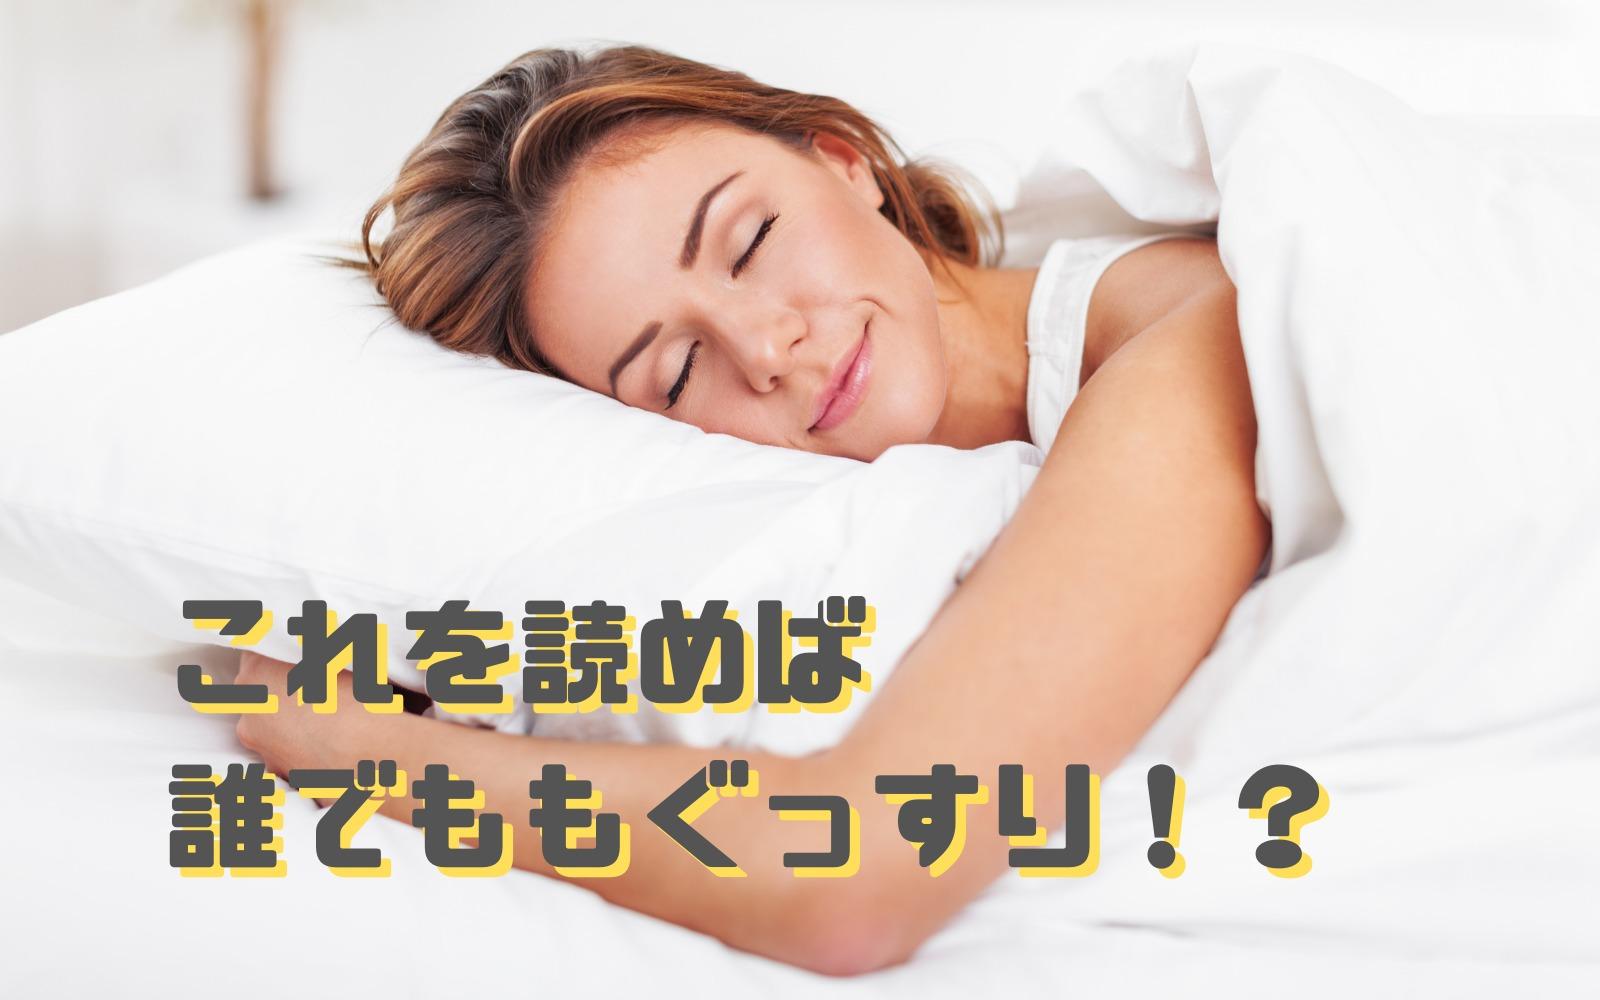 寝不足解消!睡眠の質を高める4つの方法